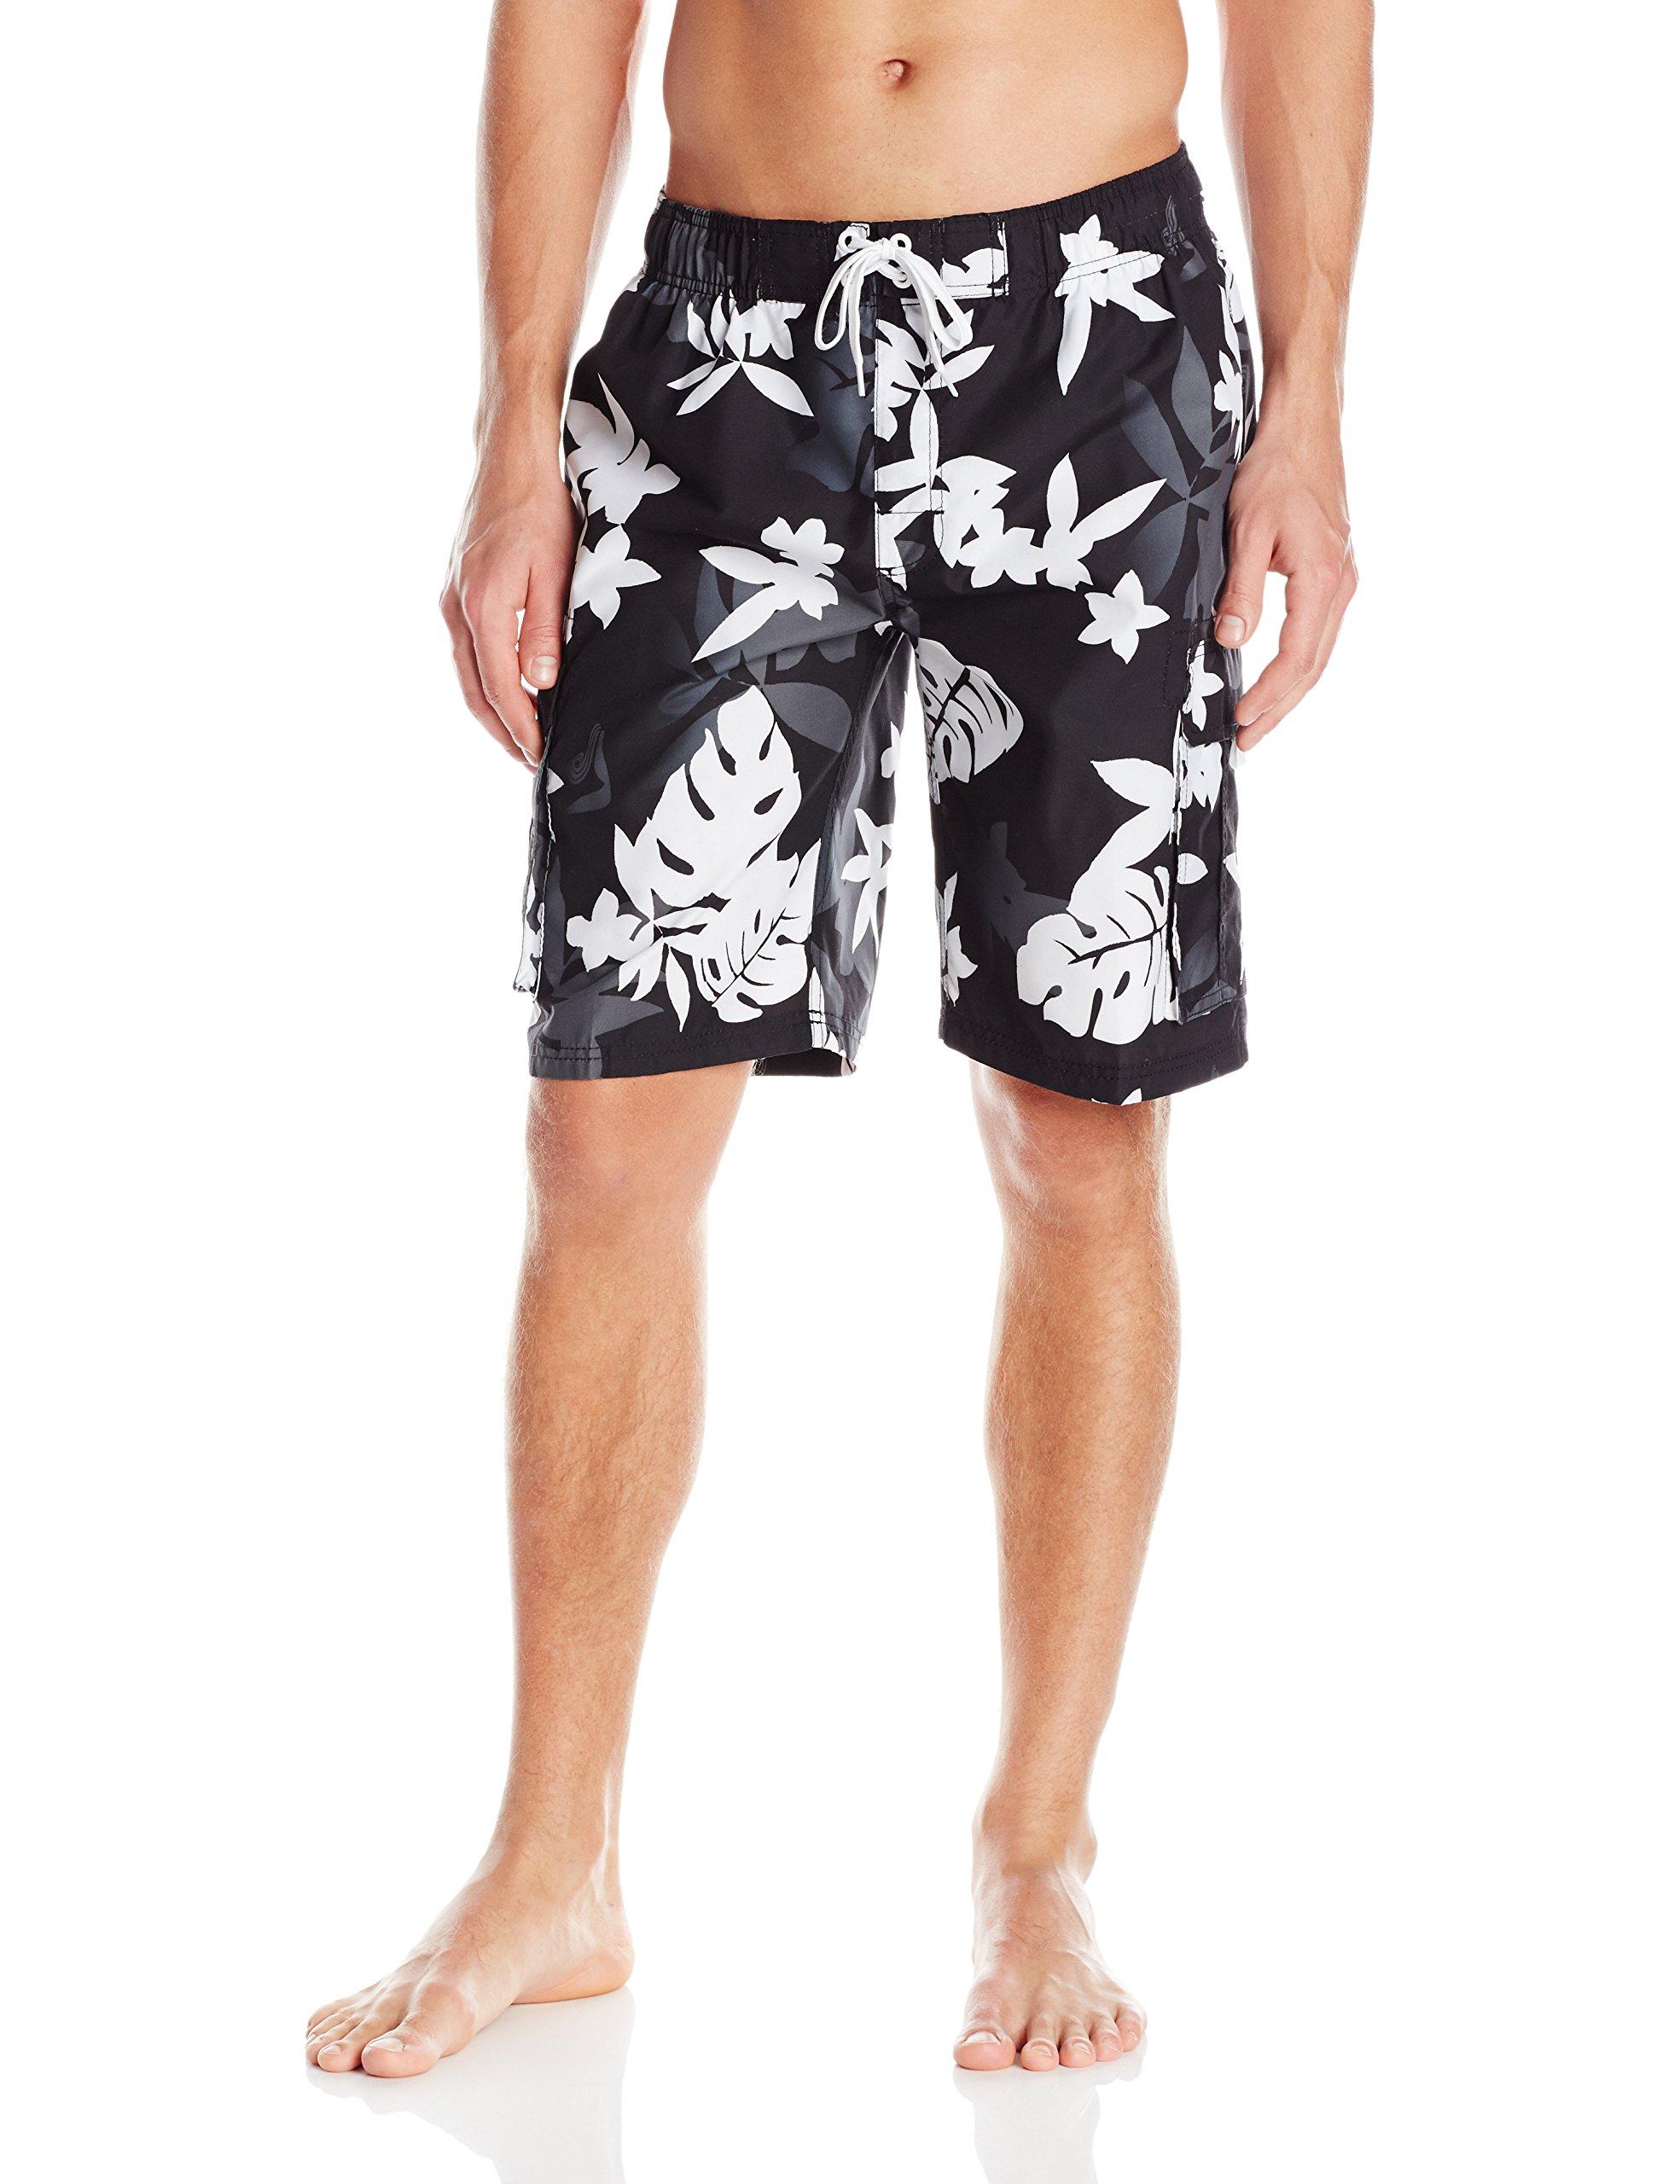 Kanu Surf Men's Voyage Swim Trunks, Black, X-Large